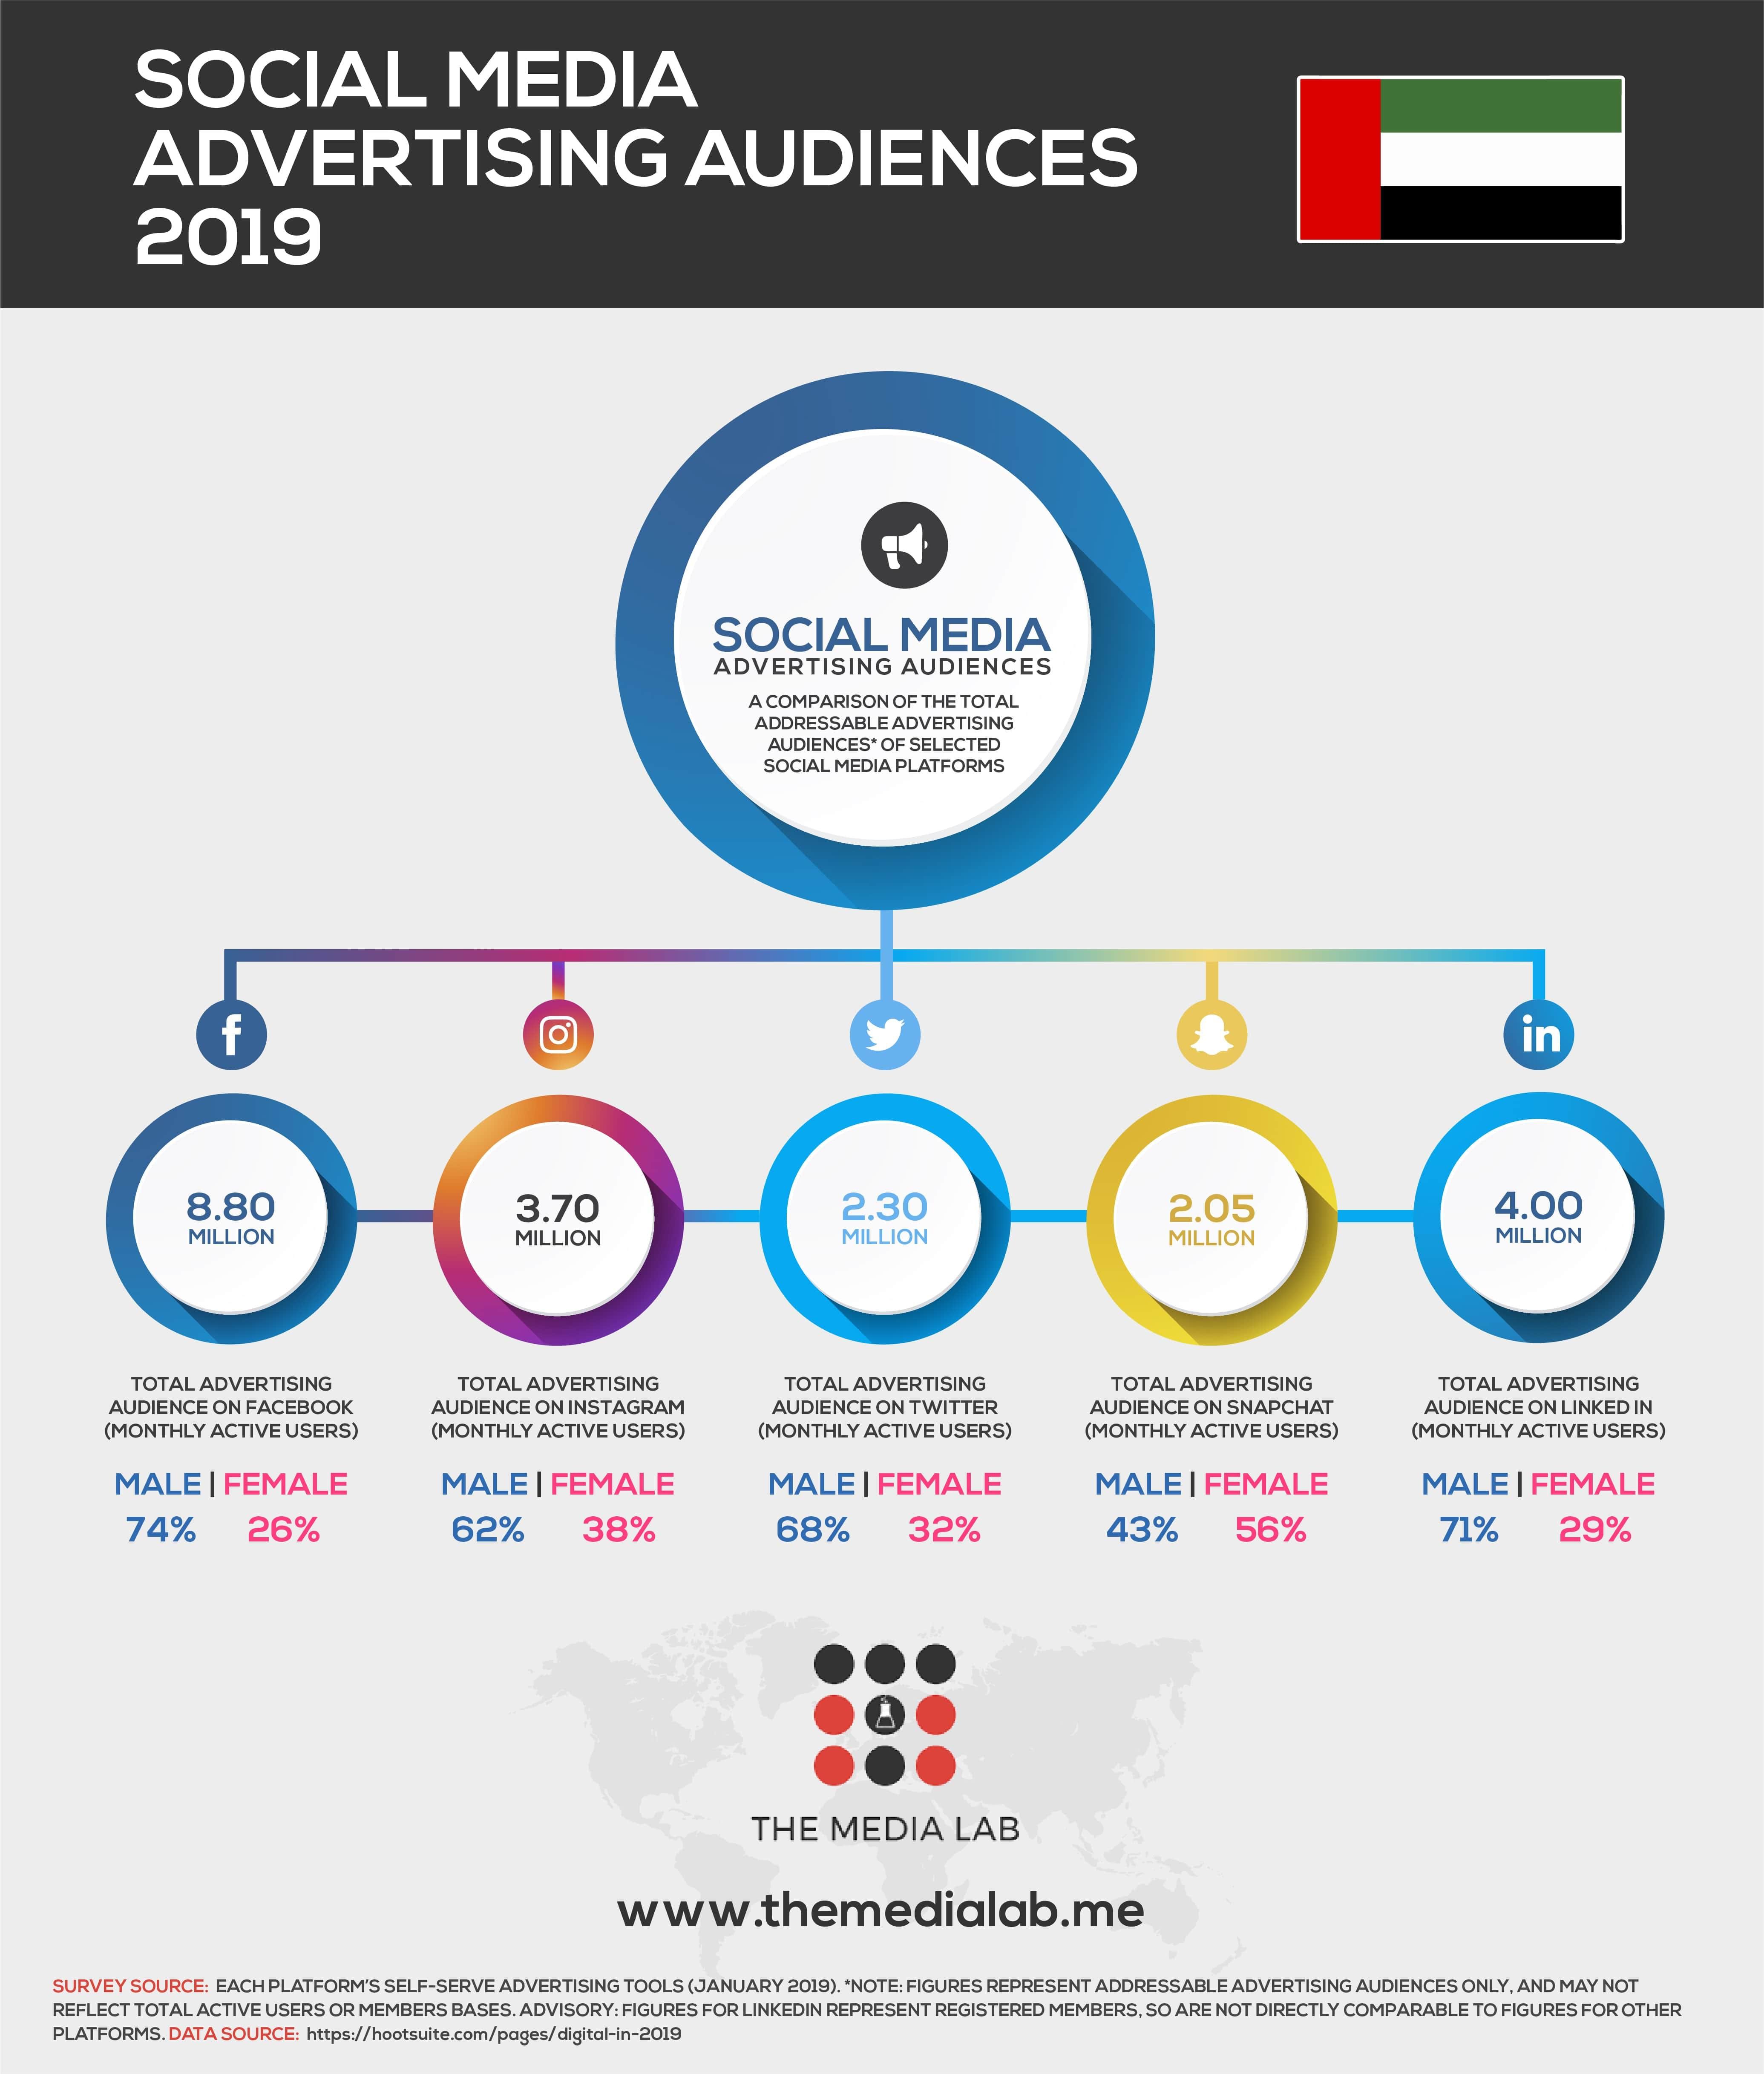 social media advertising audience of UAE 2019